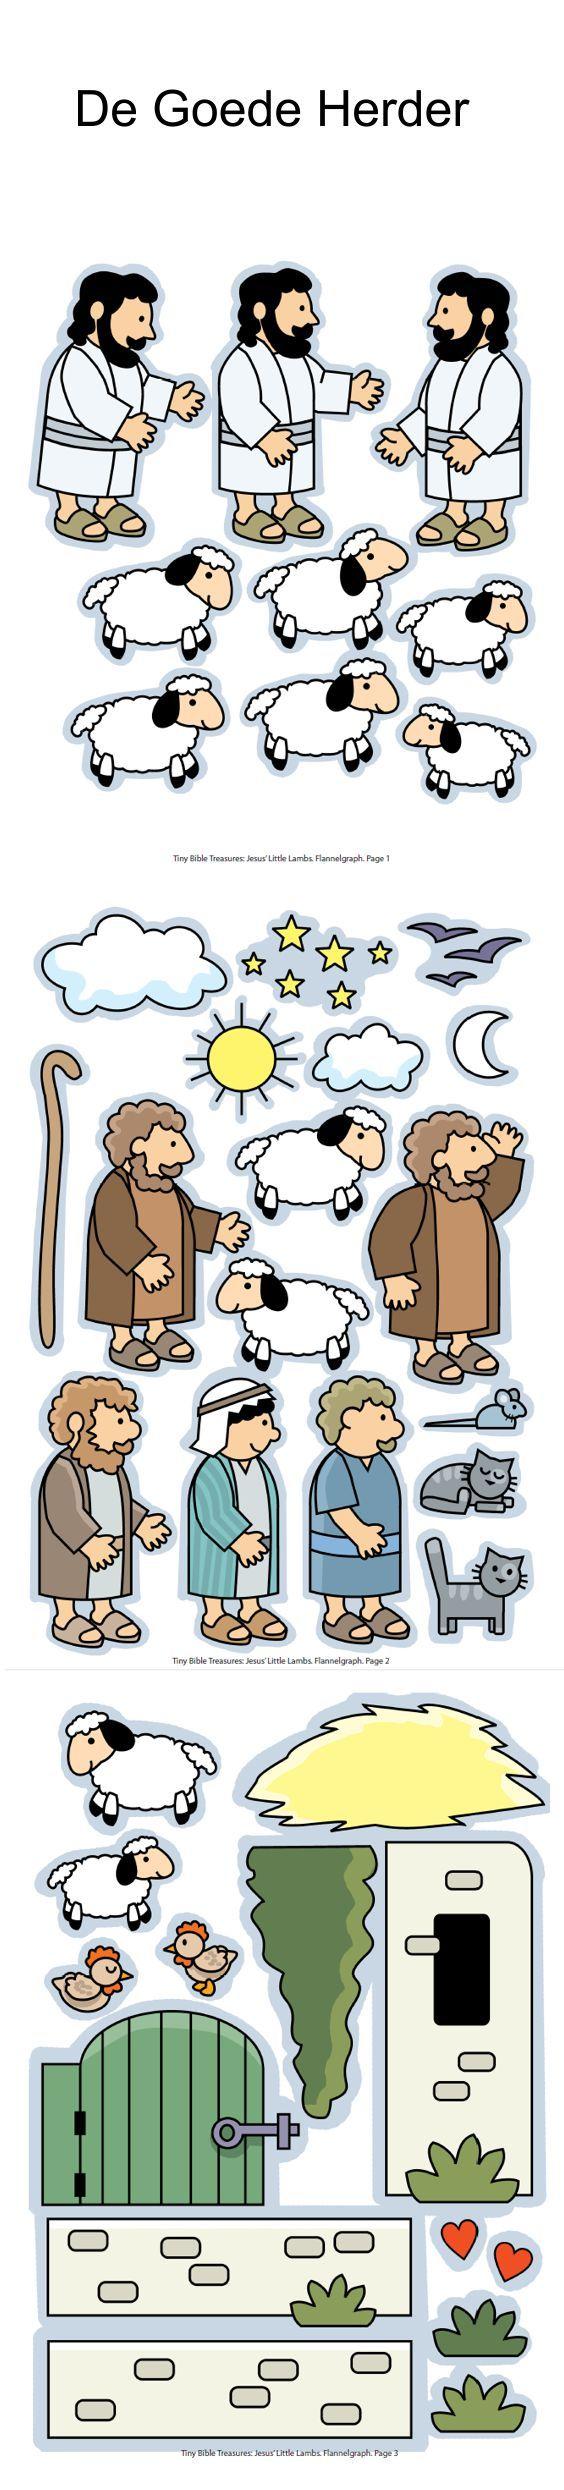 De Goede Herder en het verloren schaap, flanelplaten voor kleuters, kleuteridee.nl , The Good Shepherd, Flannel Bible Sheets, free printable...